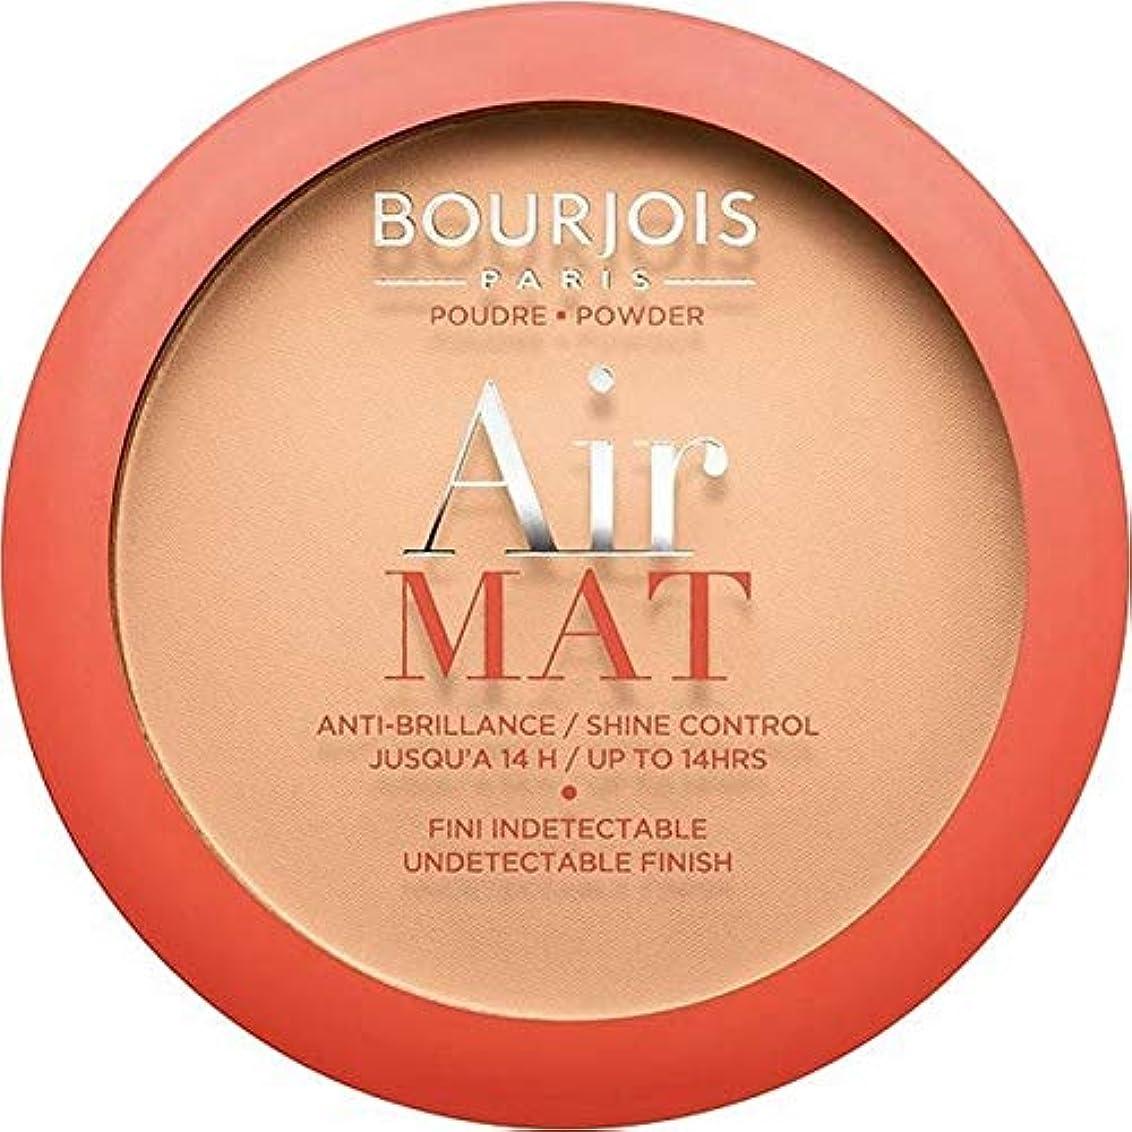 発掘する額和解する[Bourjois ] ブルジョワエアーマットは、粉末を押す - アプリコットベージュ - Bourjois Air Mat Pressed Powder - Apricot Beige [並行輸入品]